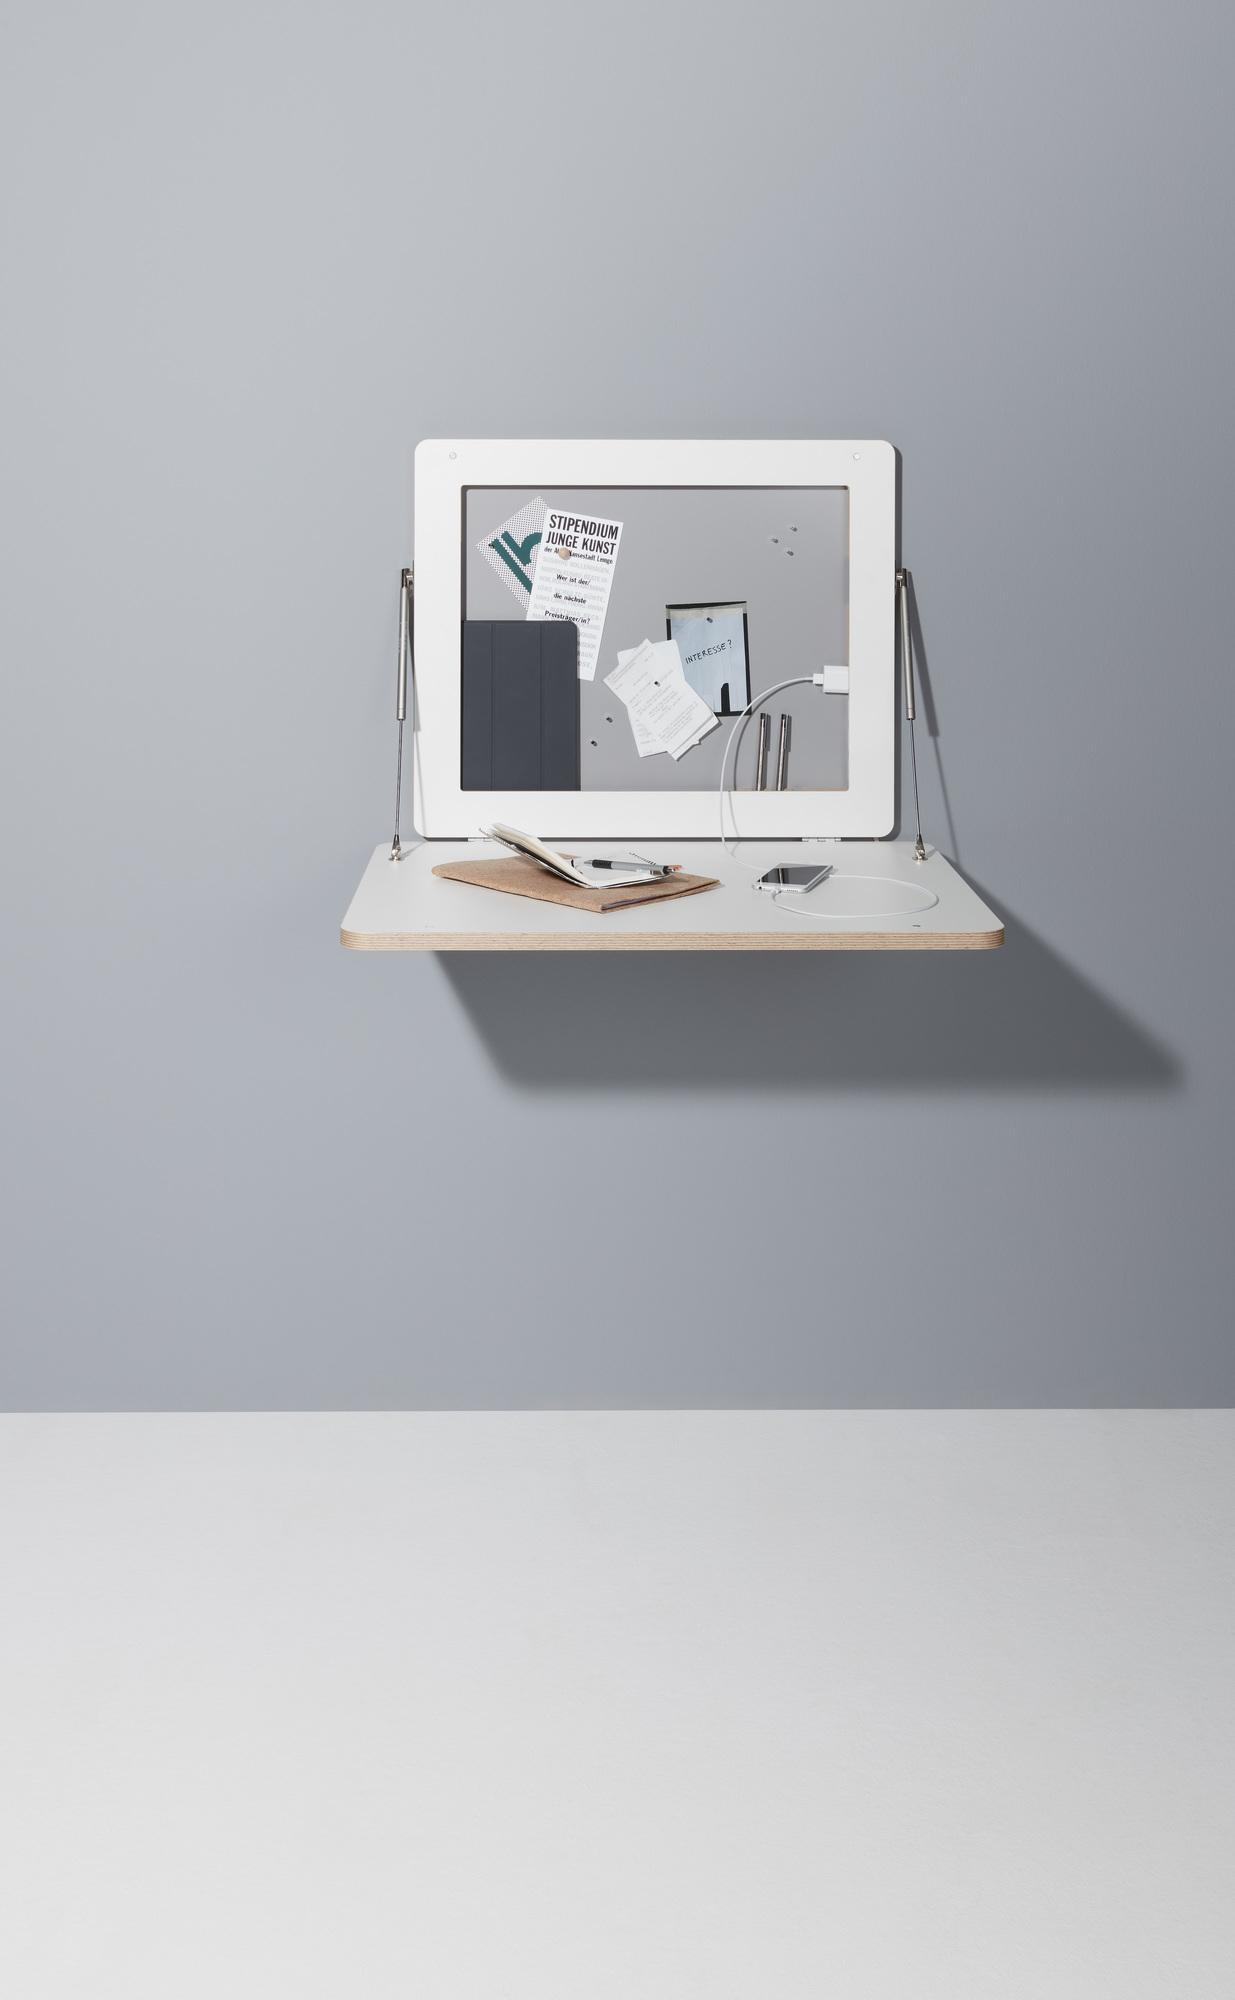 Flatframe Wandsekretär Müller Möbelwerkstätten